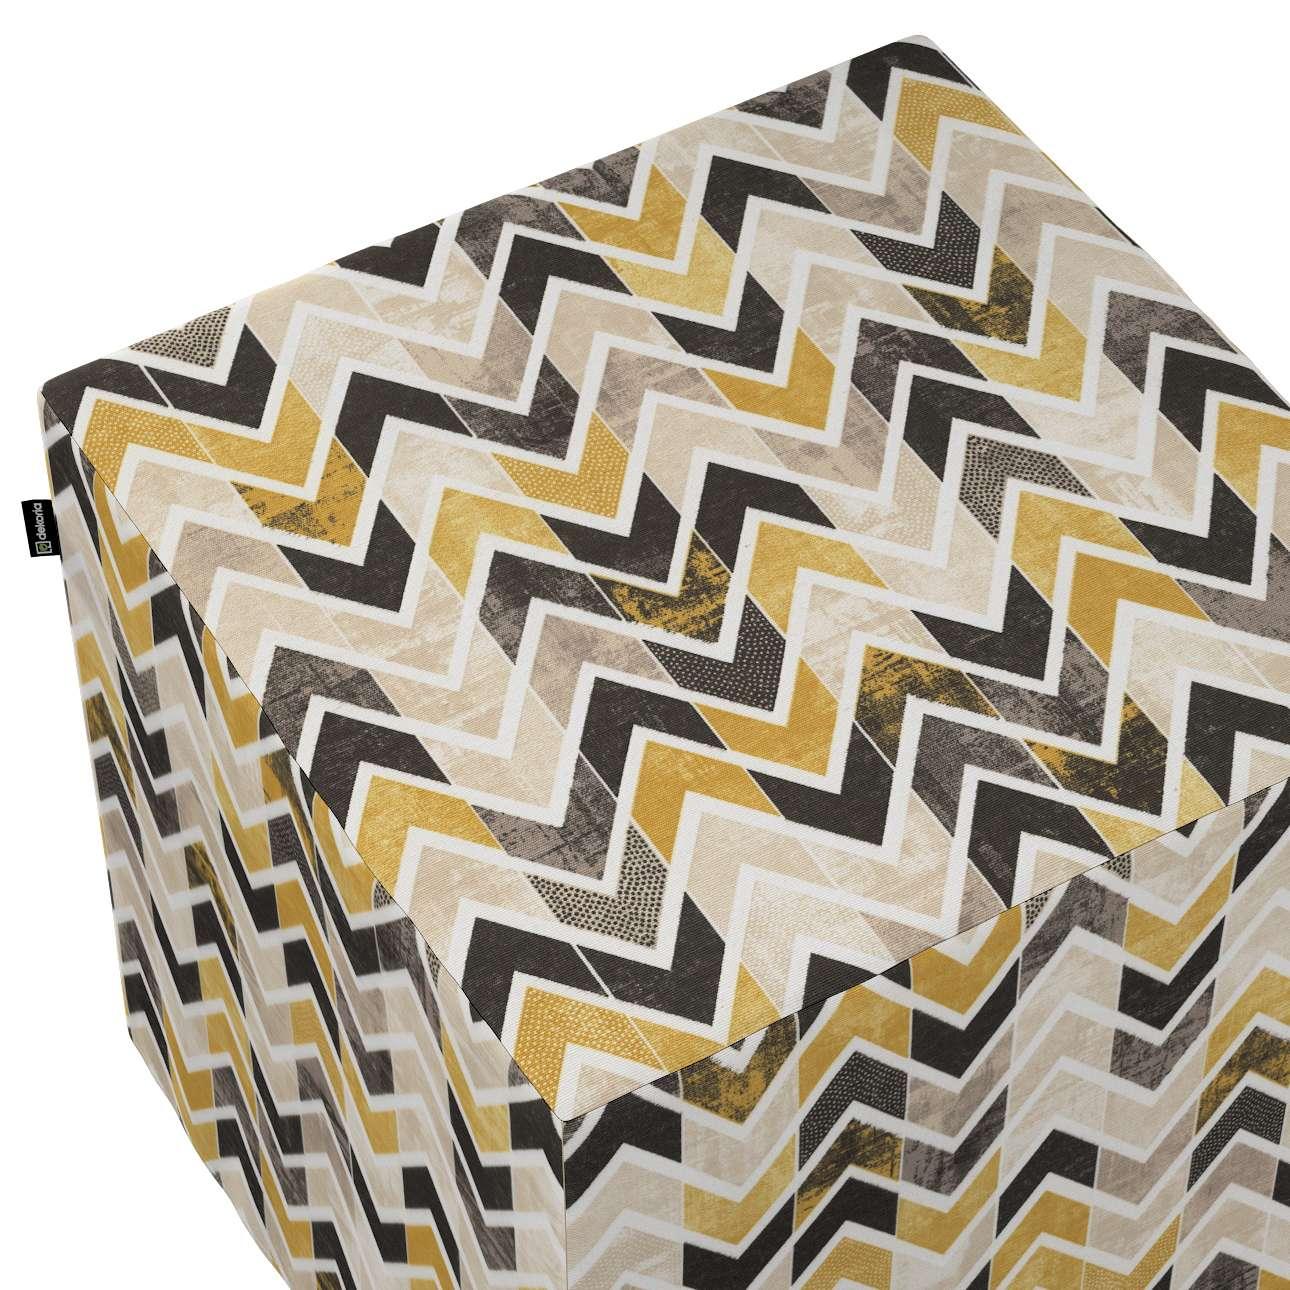 Taburetka tvrdá, kocka V kolekcii Modern, tkanina: 142-79